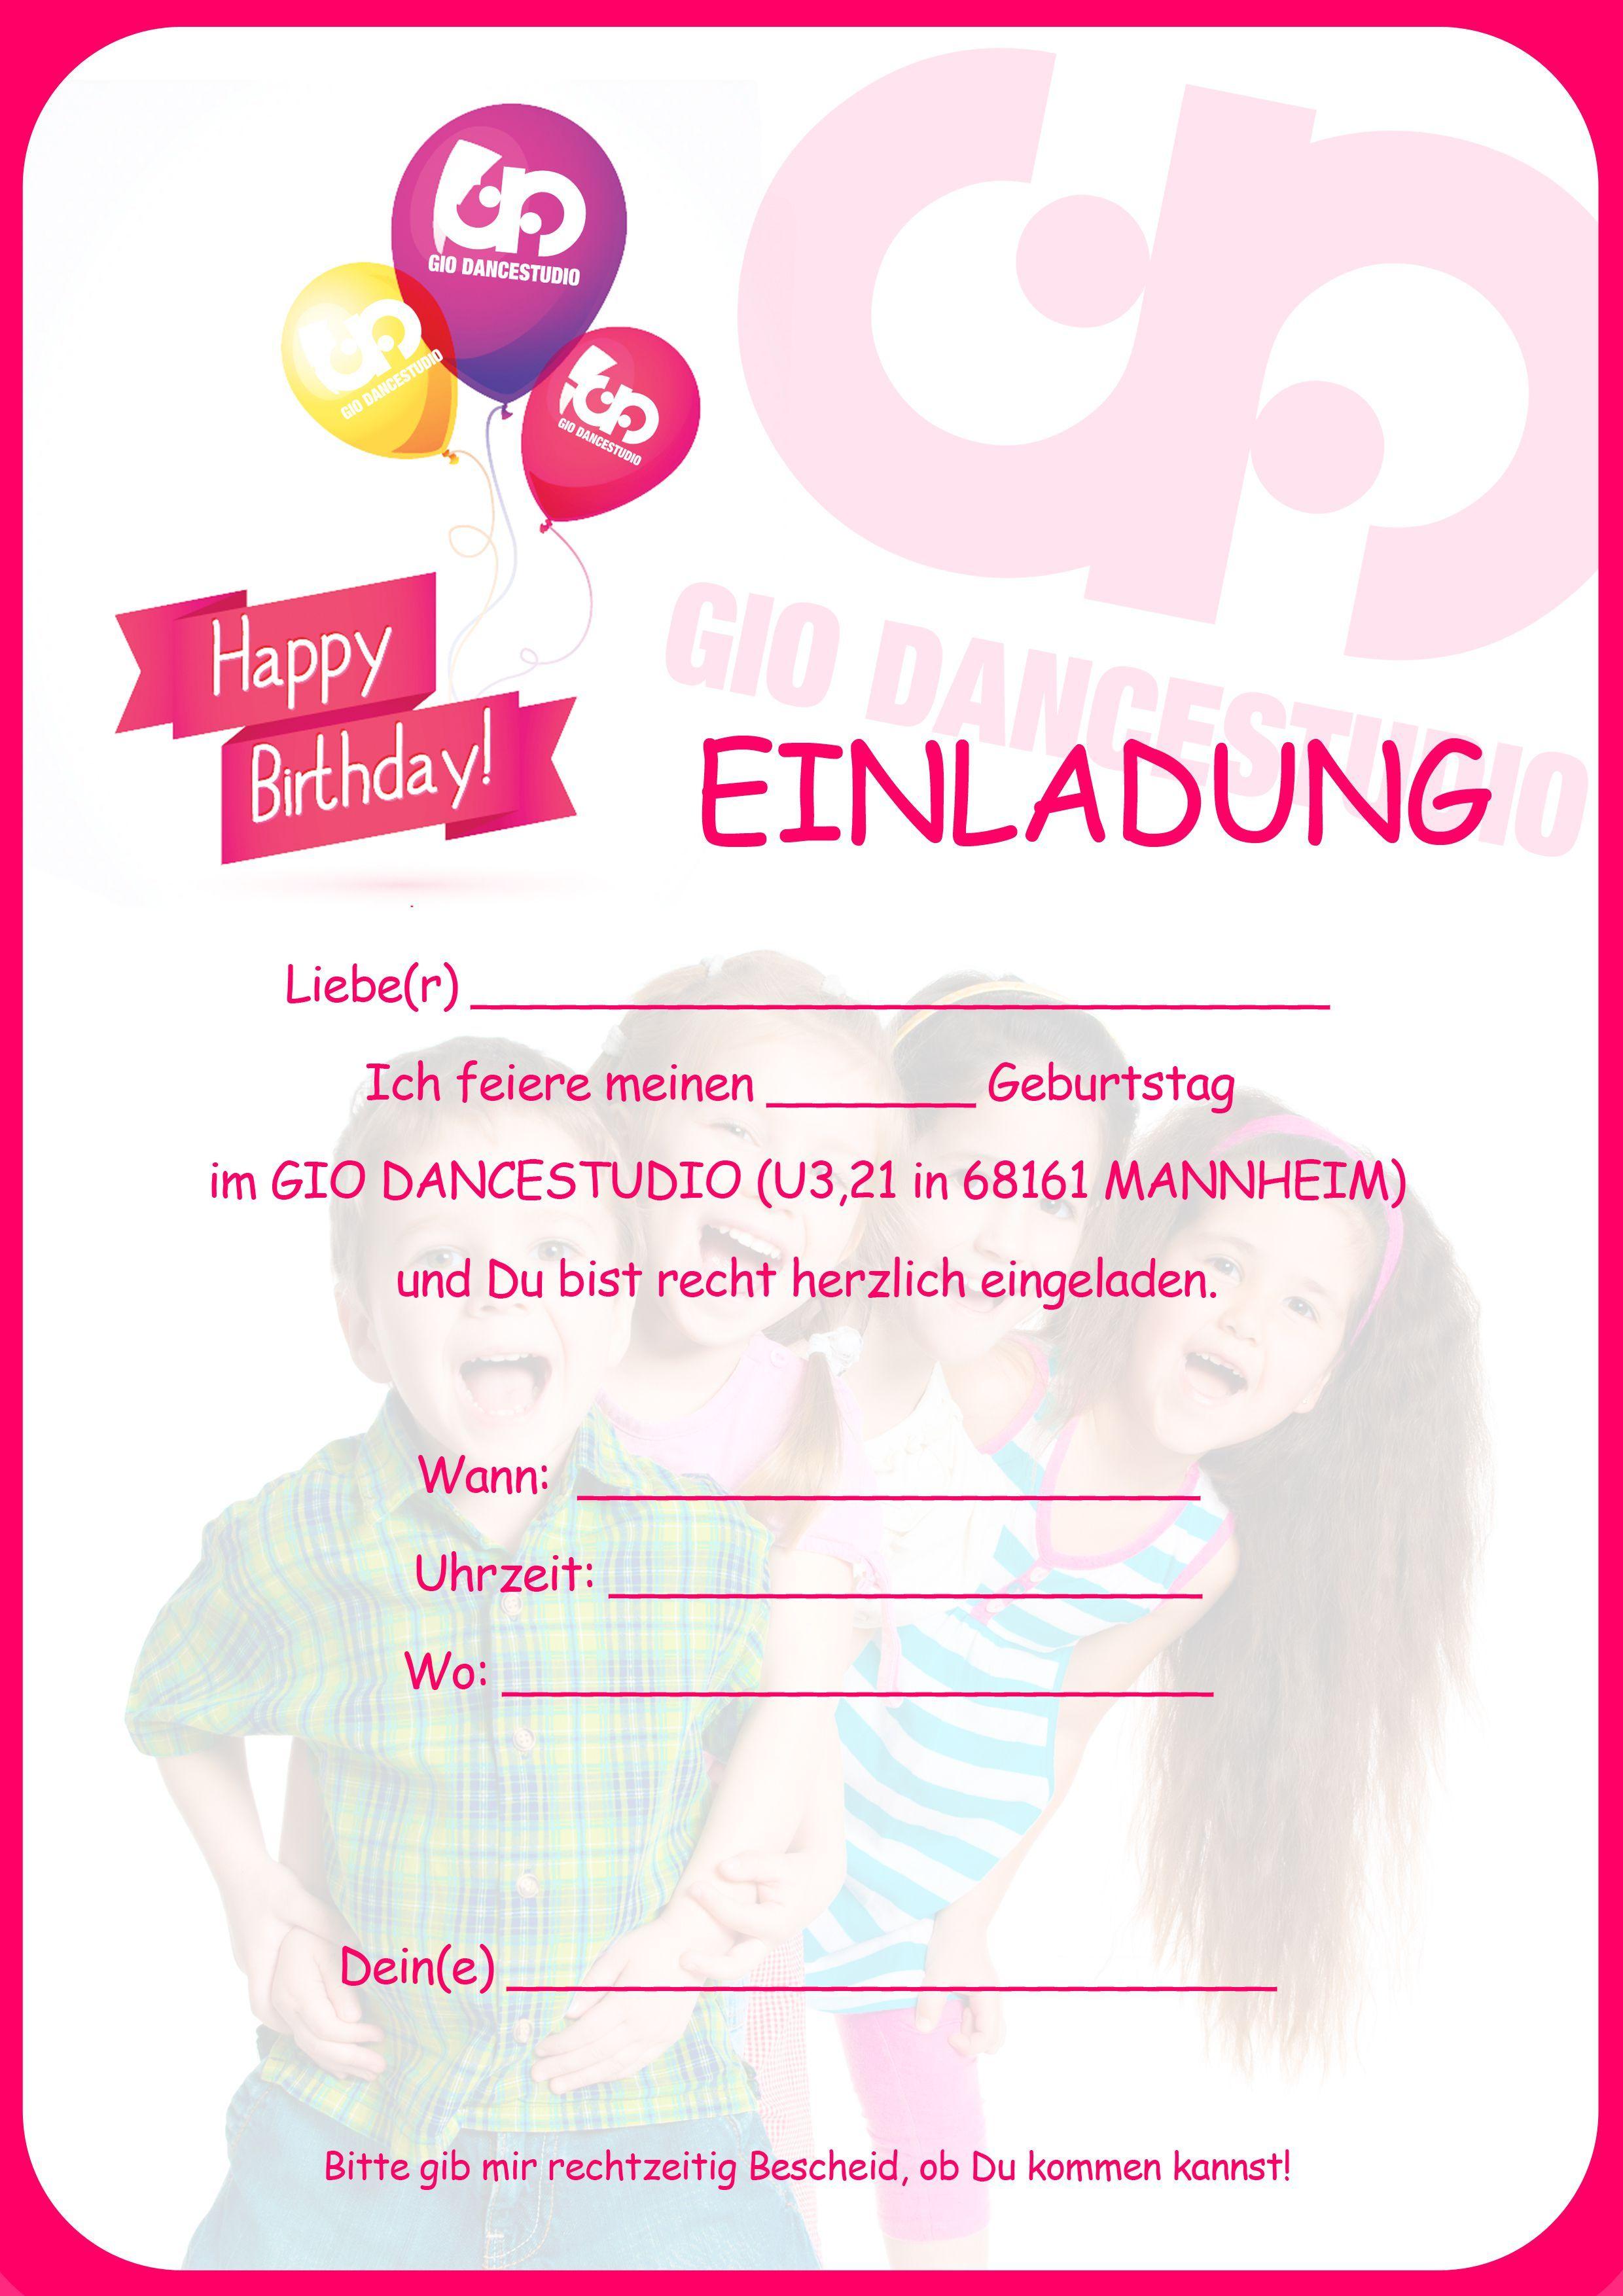 einladungskarten geburtstag kinder : einladungskarten geburtstag, Einladungsentwurf